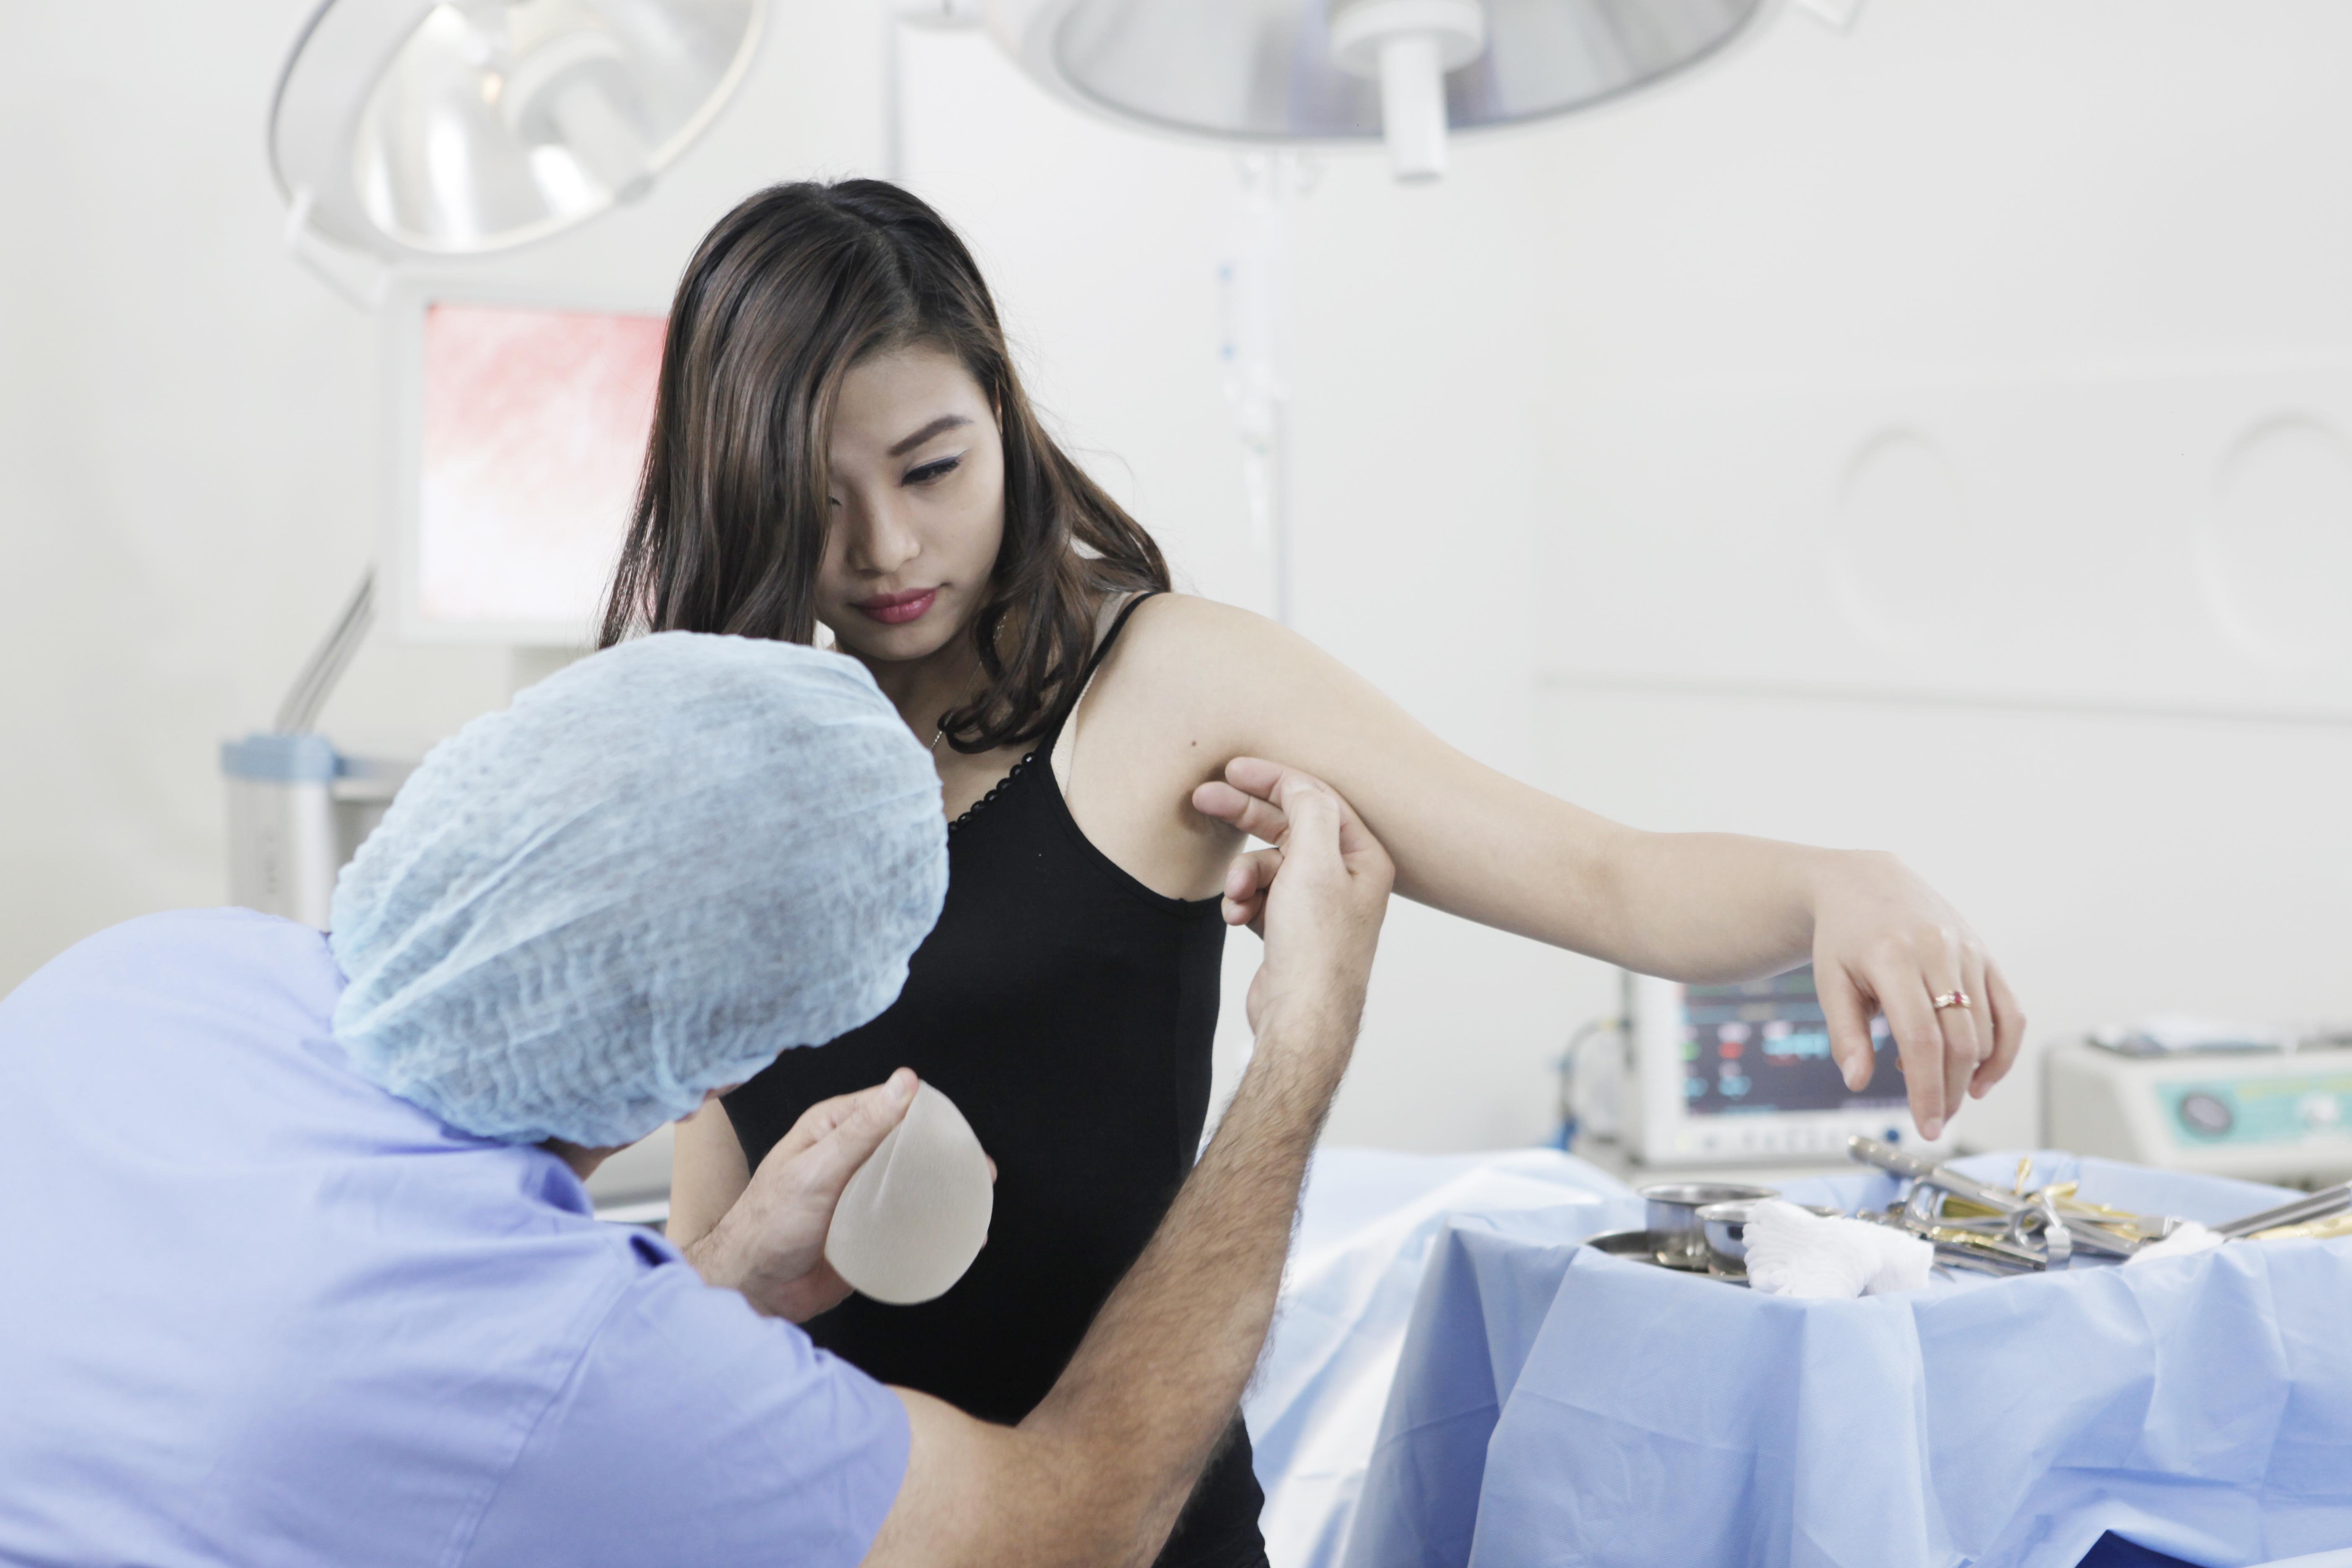 Quy trình thăm khám và tư vấn nâng ngực chuyên nghiệp tại BVTM Á Âu